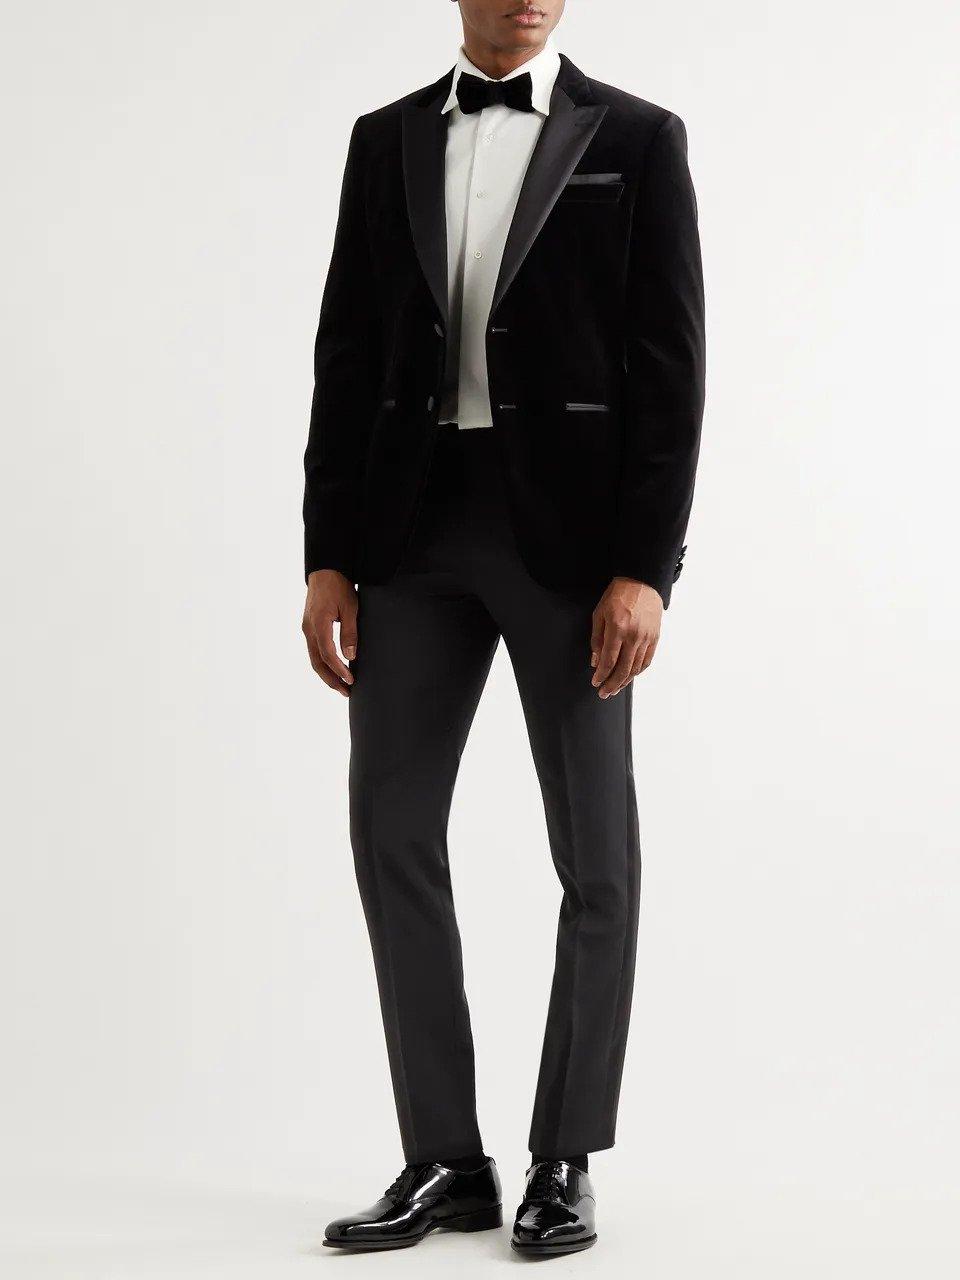 classic black tuxedo for groom